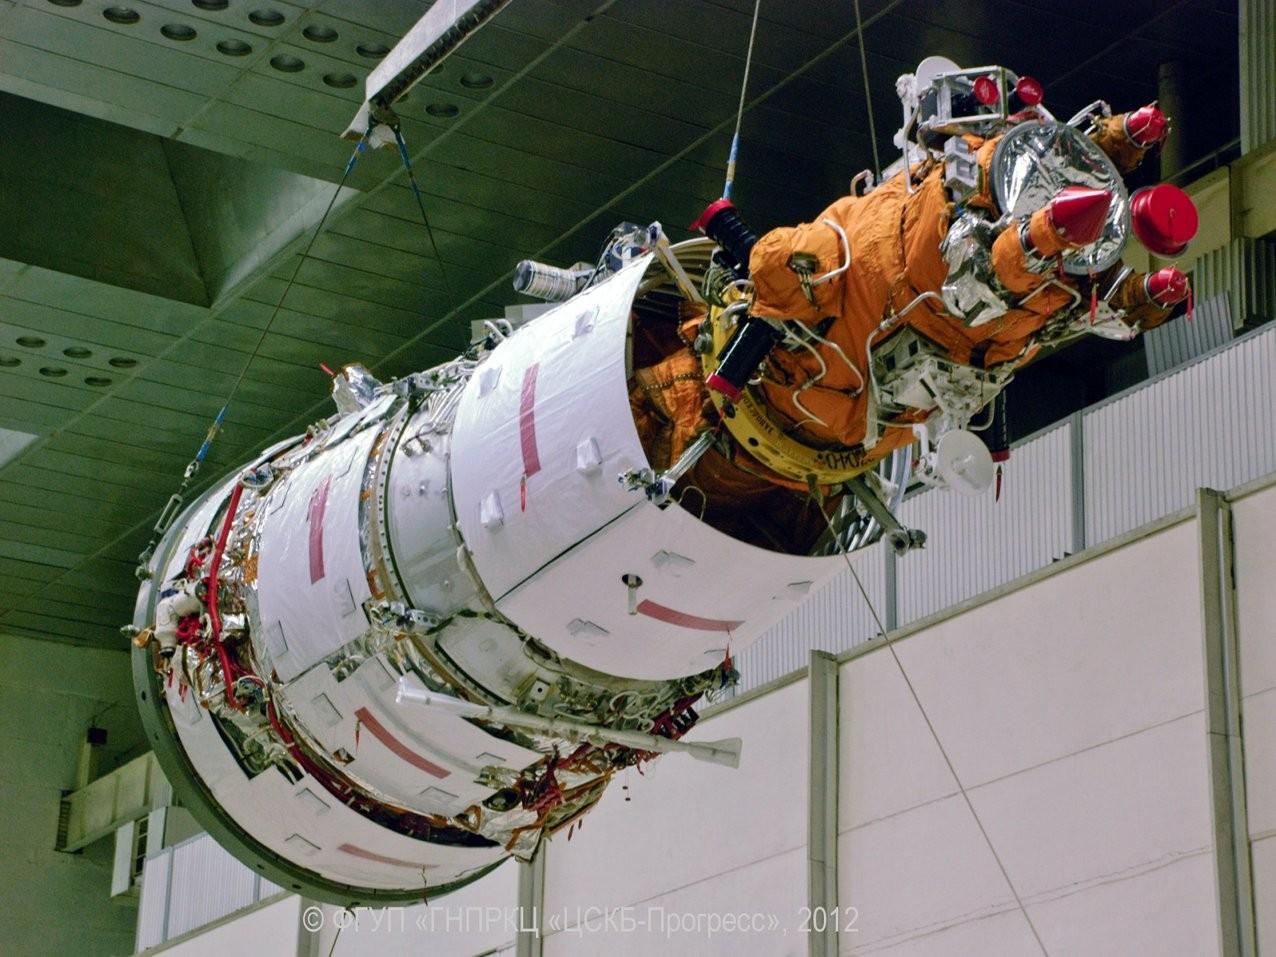 Республика Беларусь хочет запустить спутник зондирования Земли русского производства